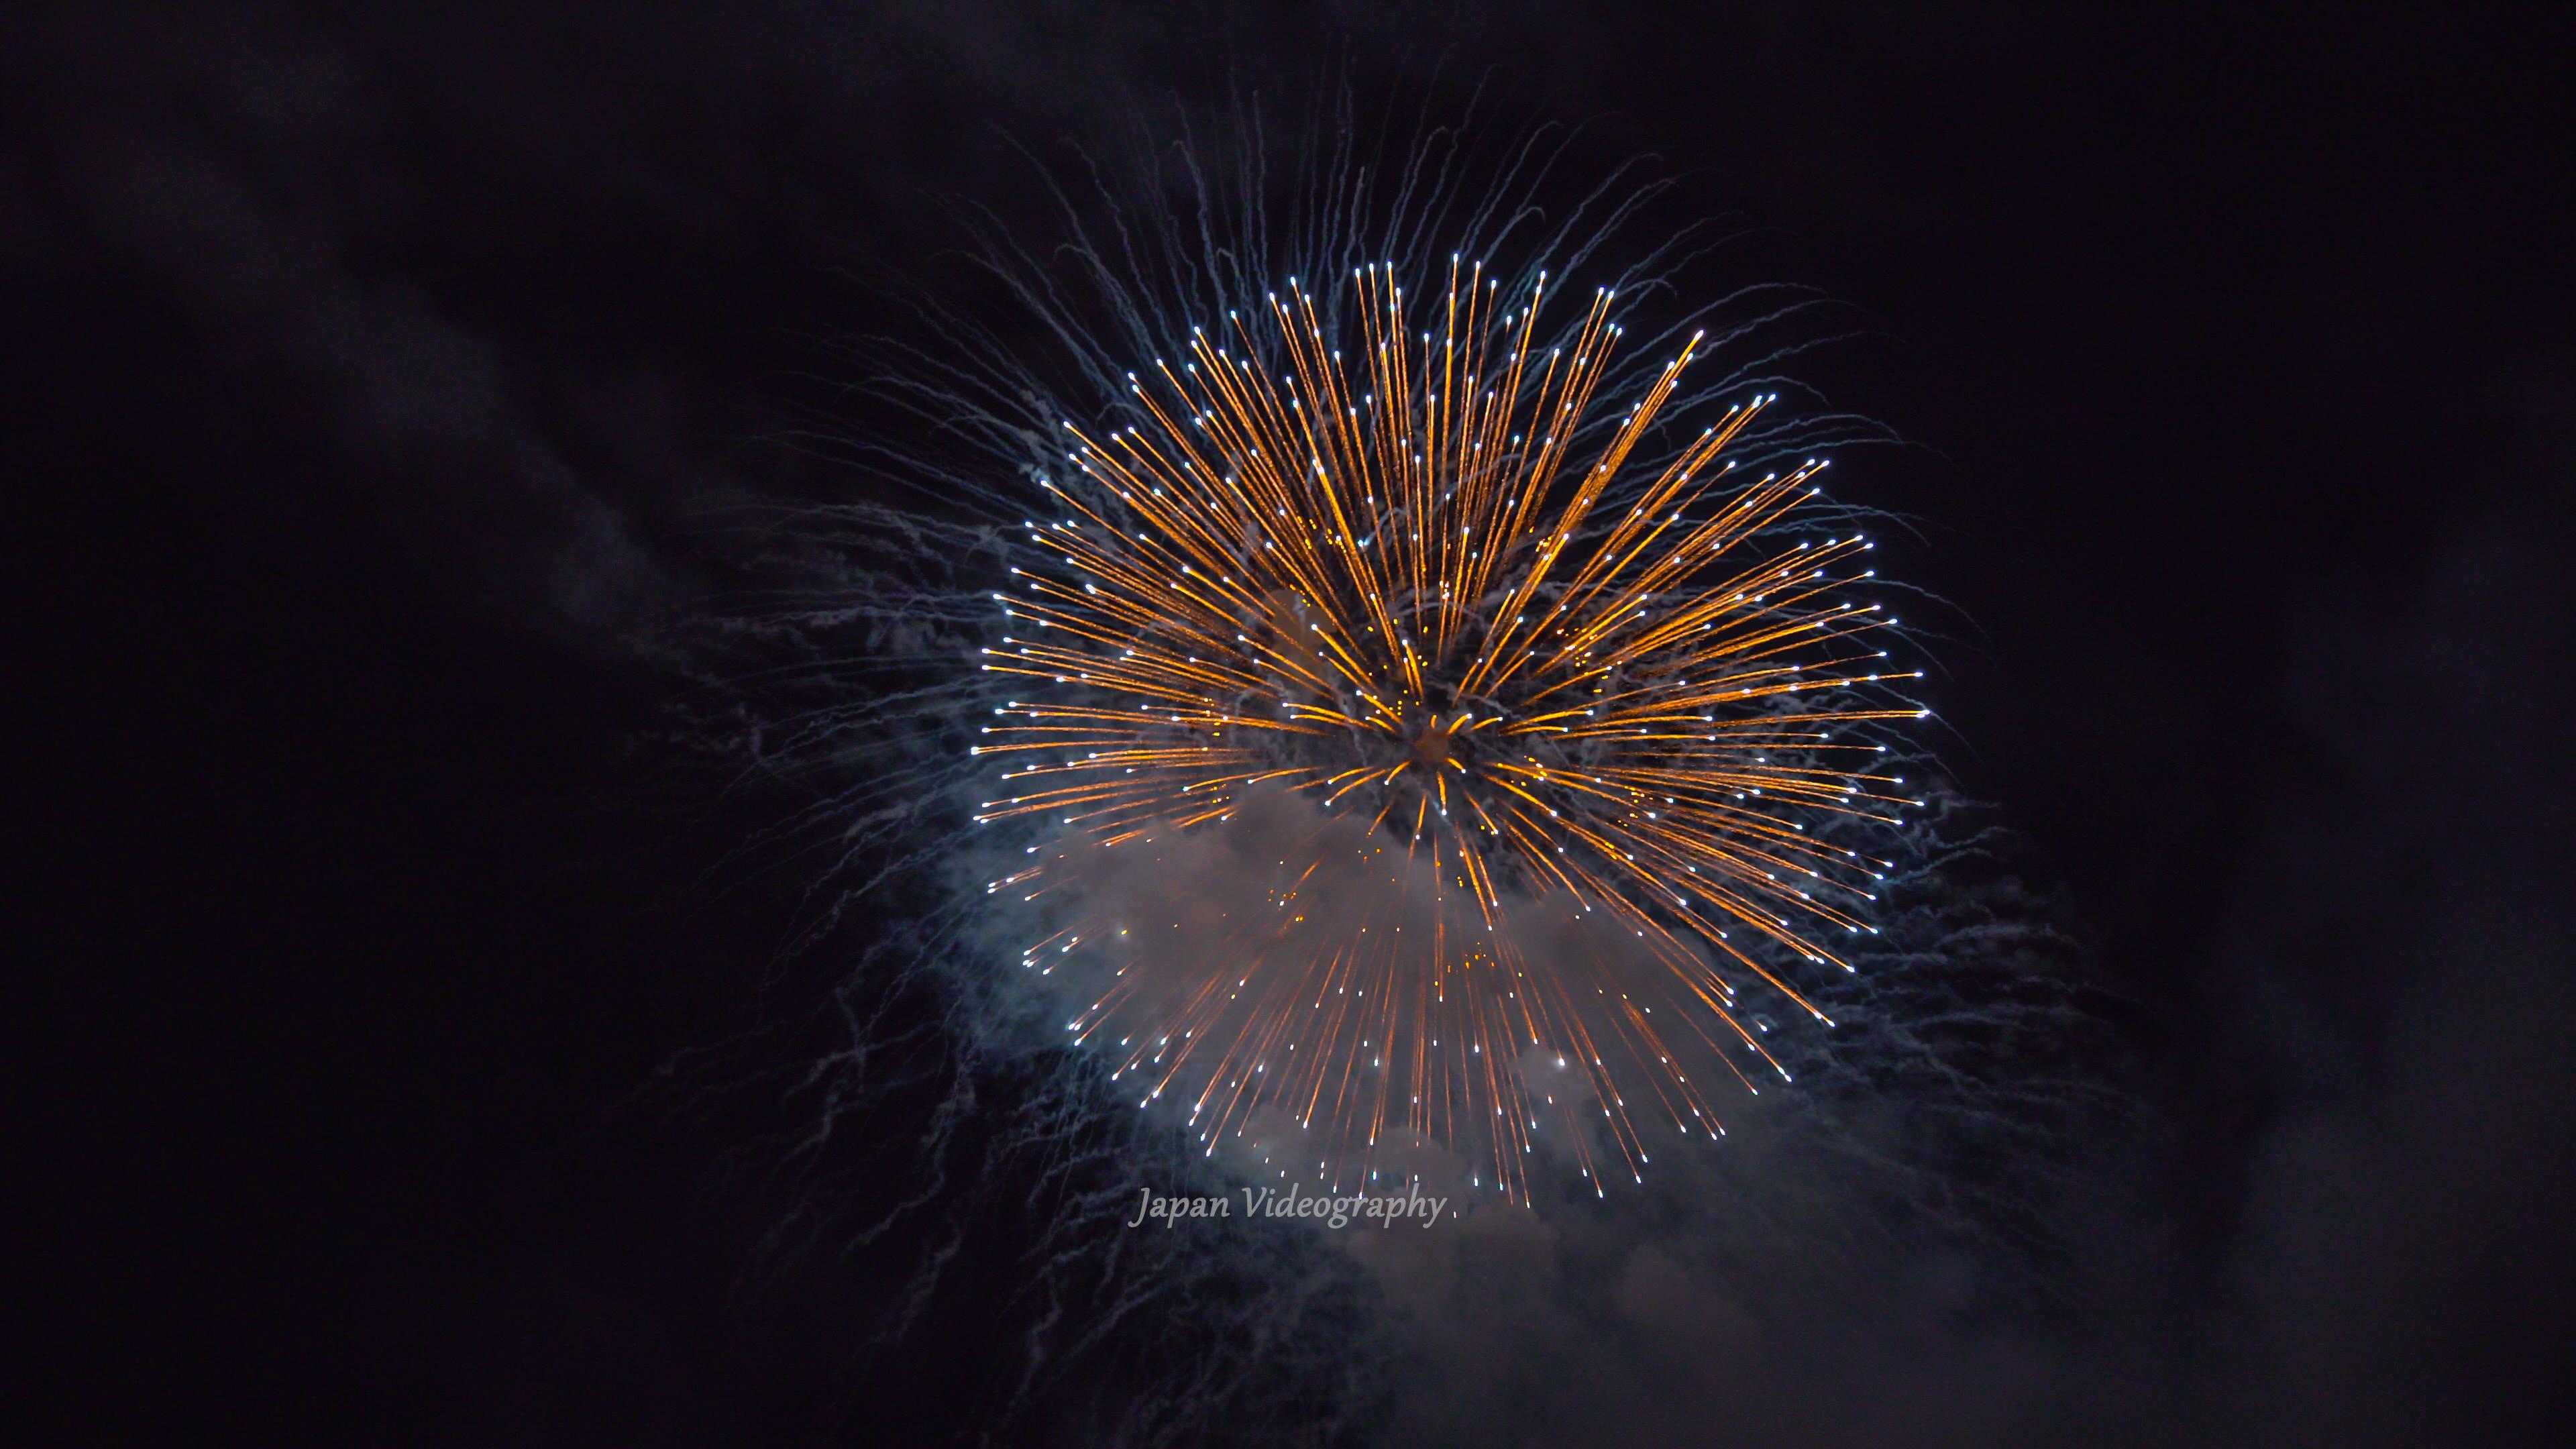 宮城県7月のイベント 登米市佐沼夏まつり 花火大会